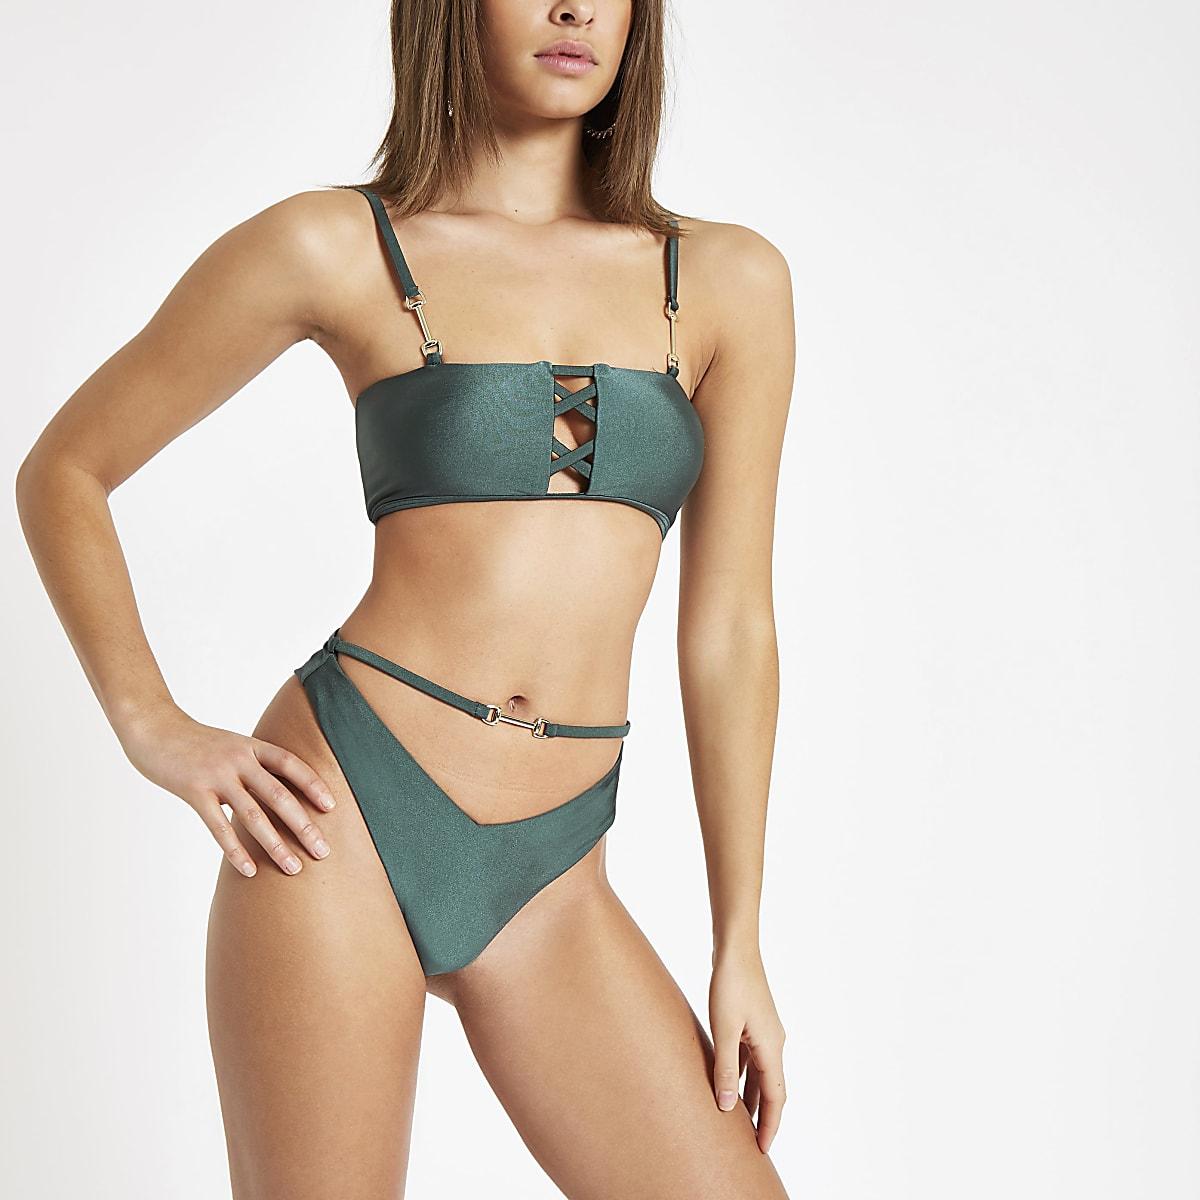 00a46a81d32ef Bas de bikini échancré vert avec liens - Bas de bikini - Bikinis ...